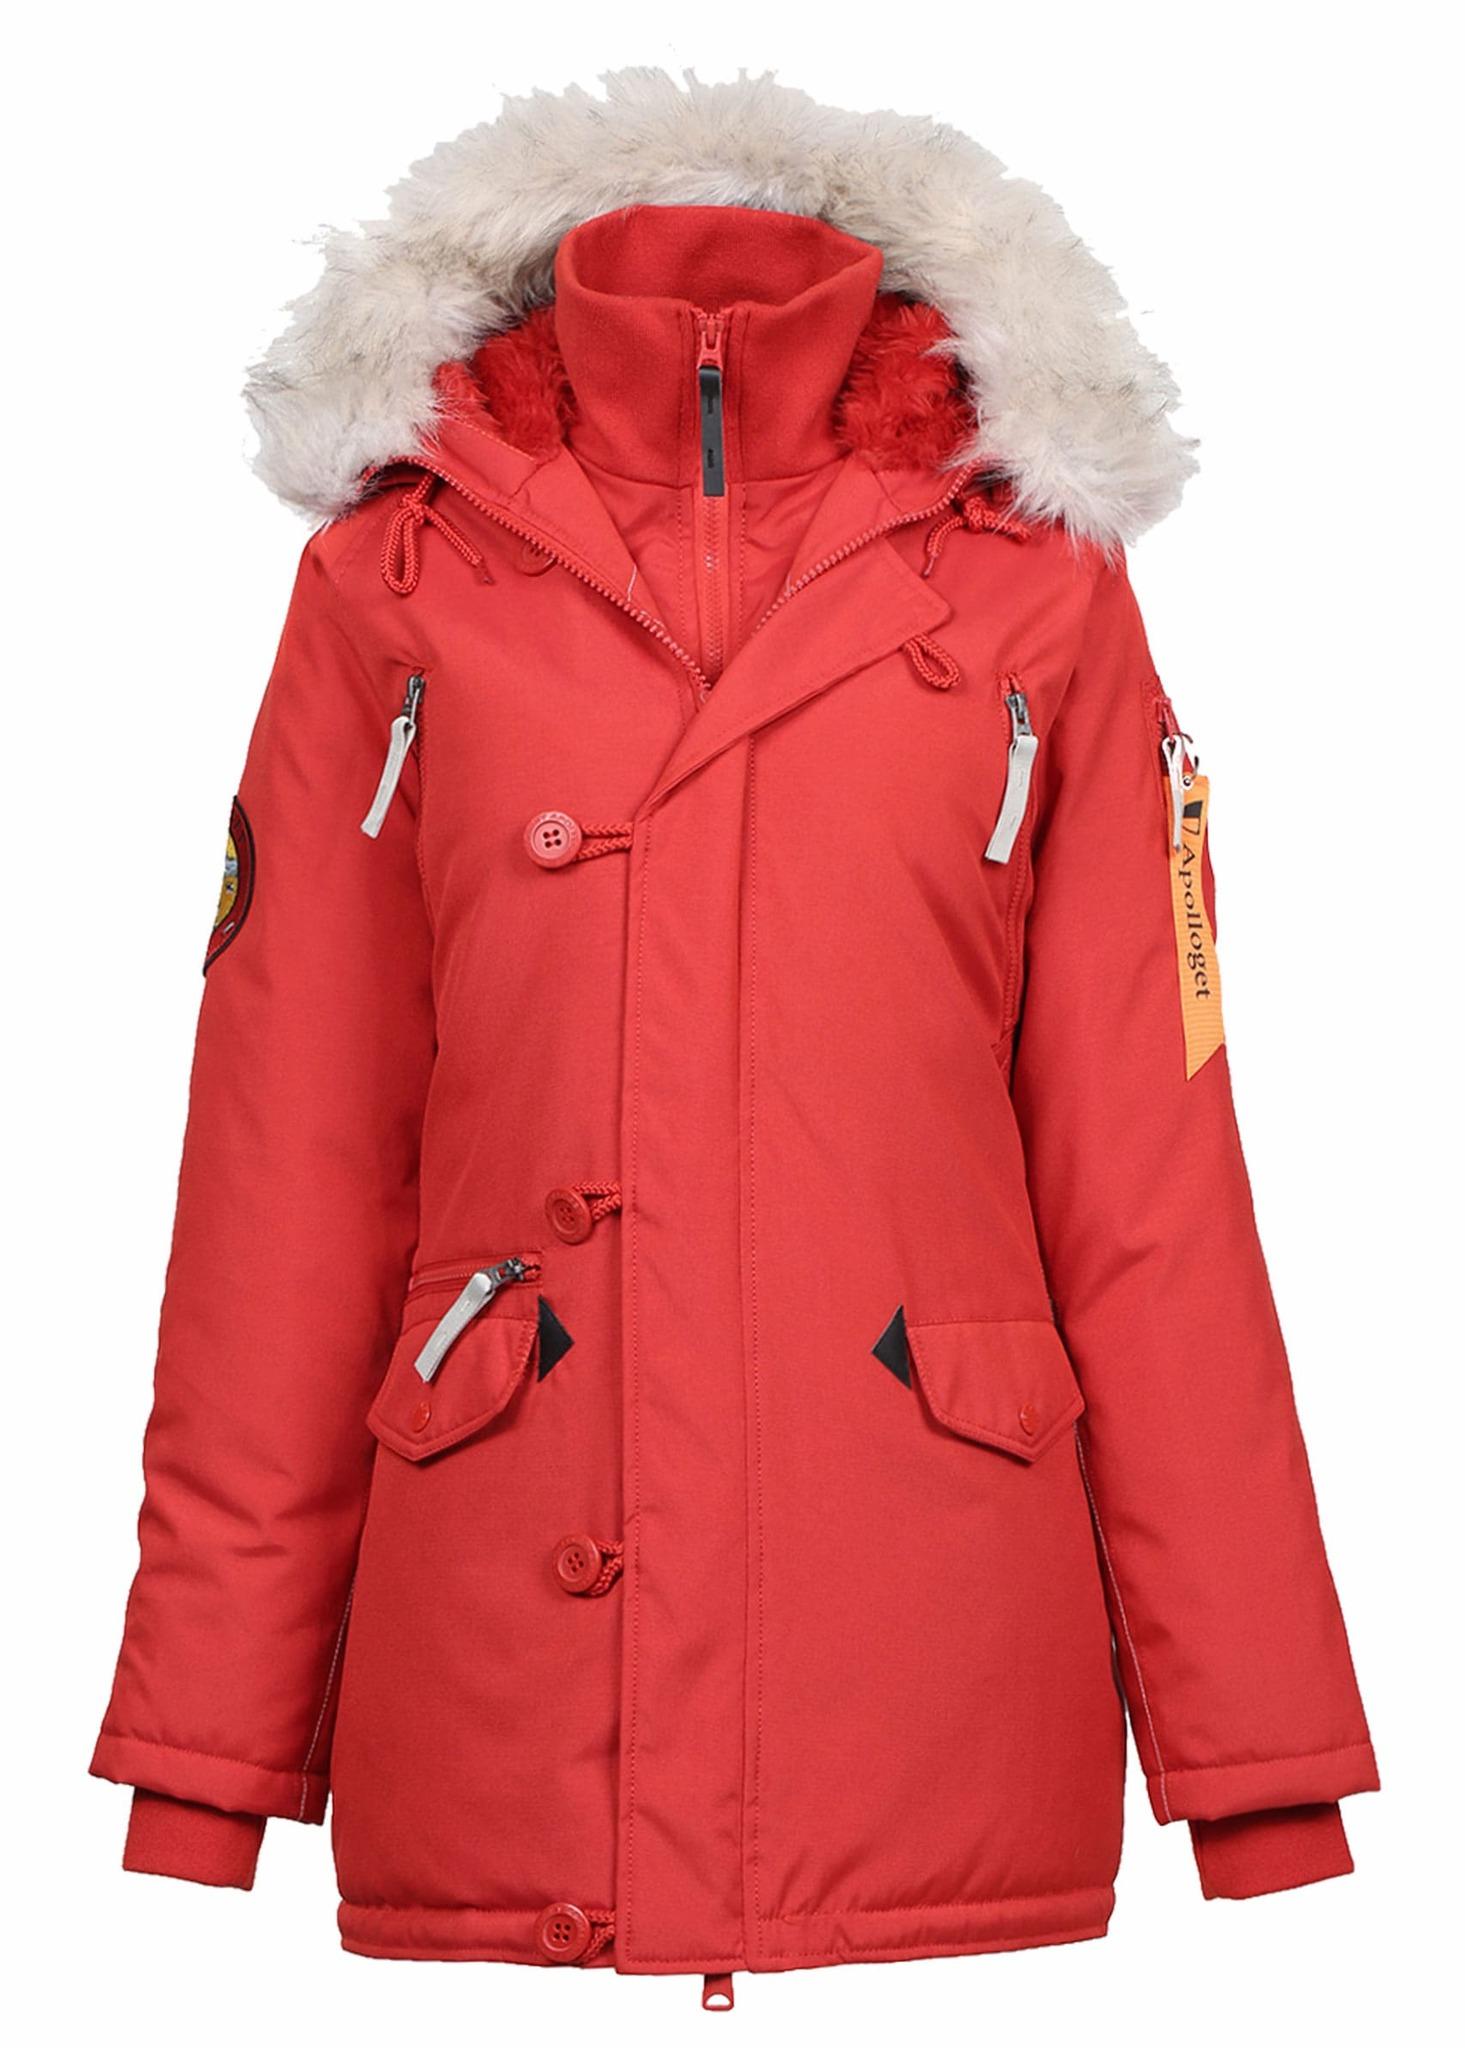 Куртка Аляска Женская - Apolloget Oxford Wmn (красная - red/white)